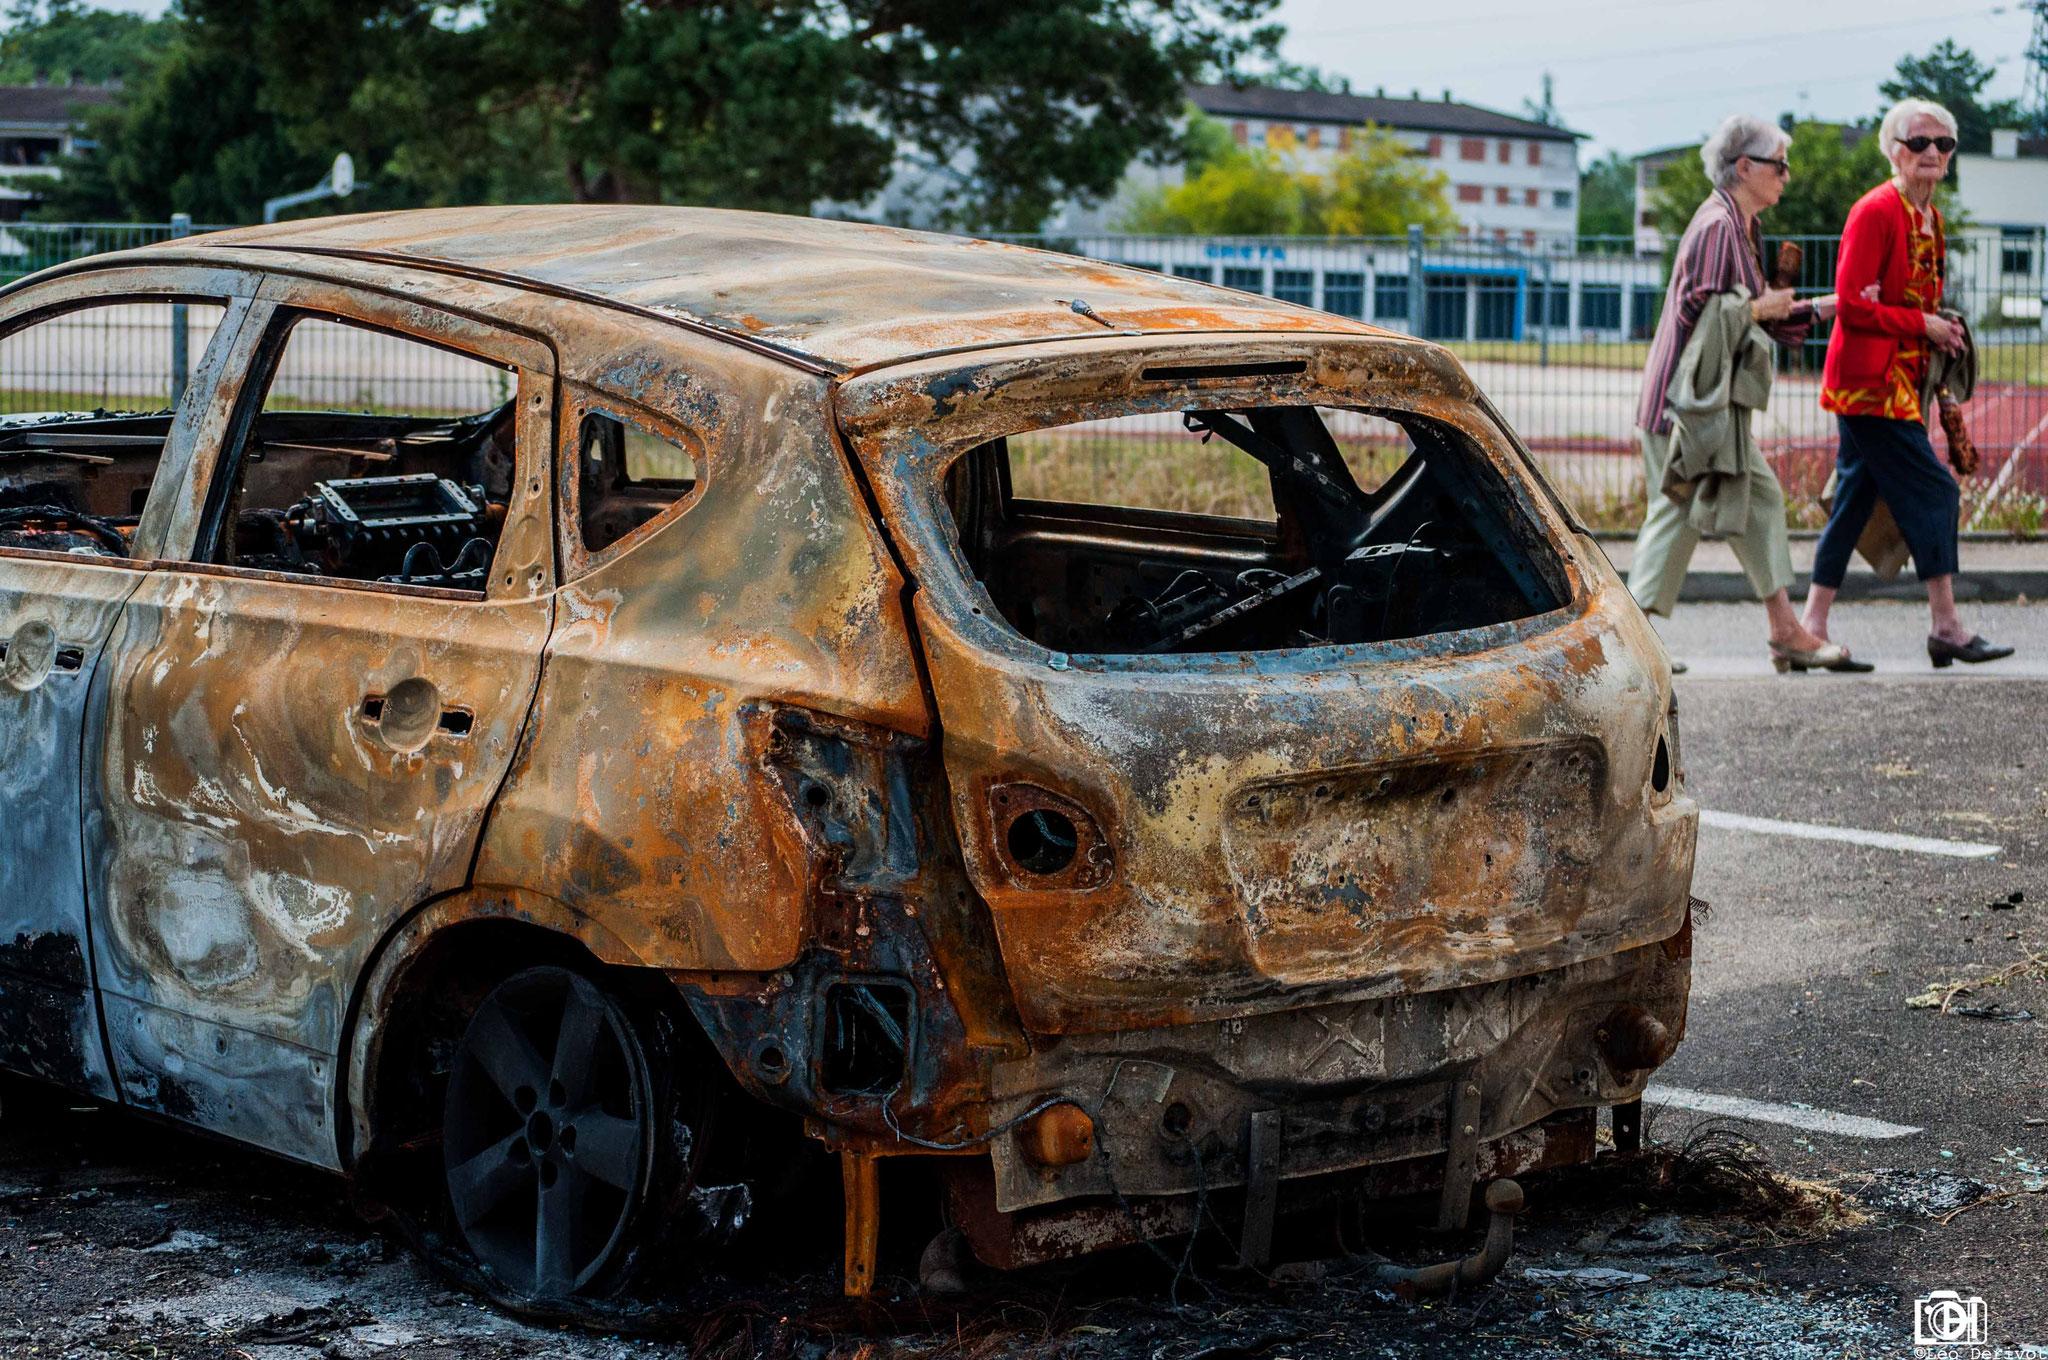 Voiture incendiée, France, 2017